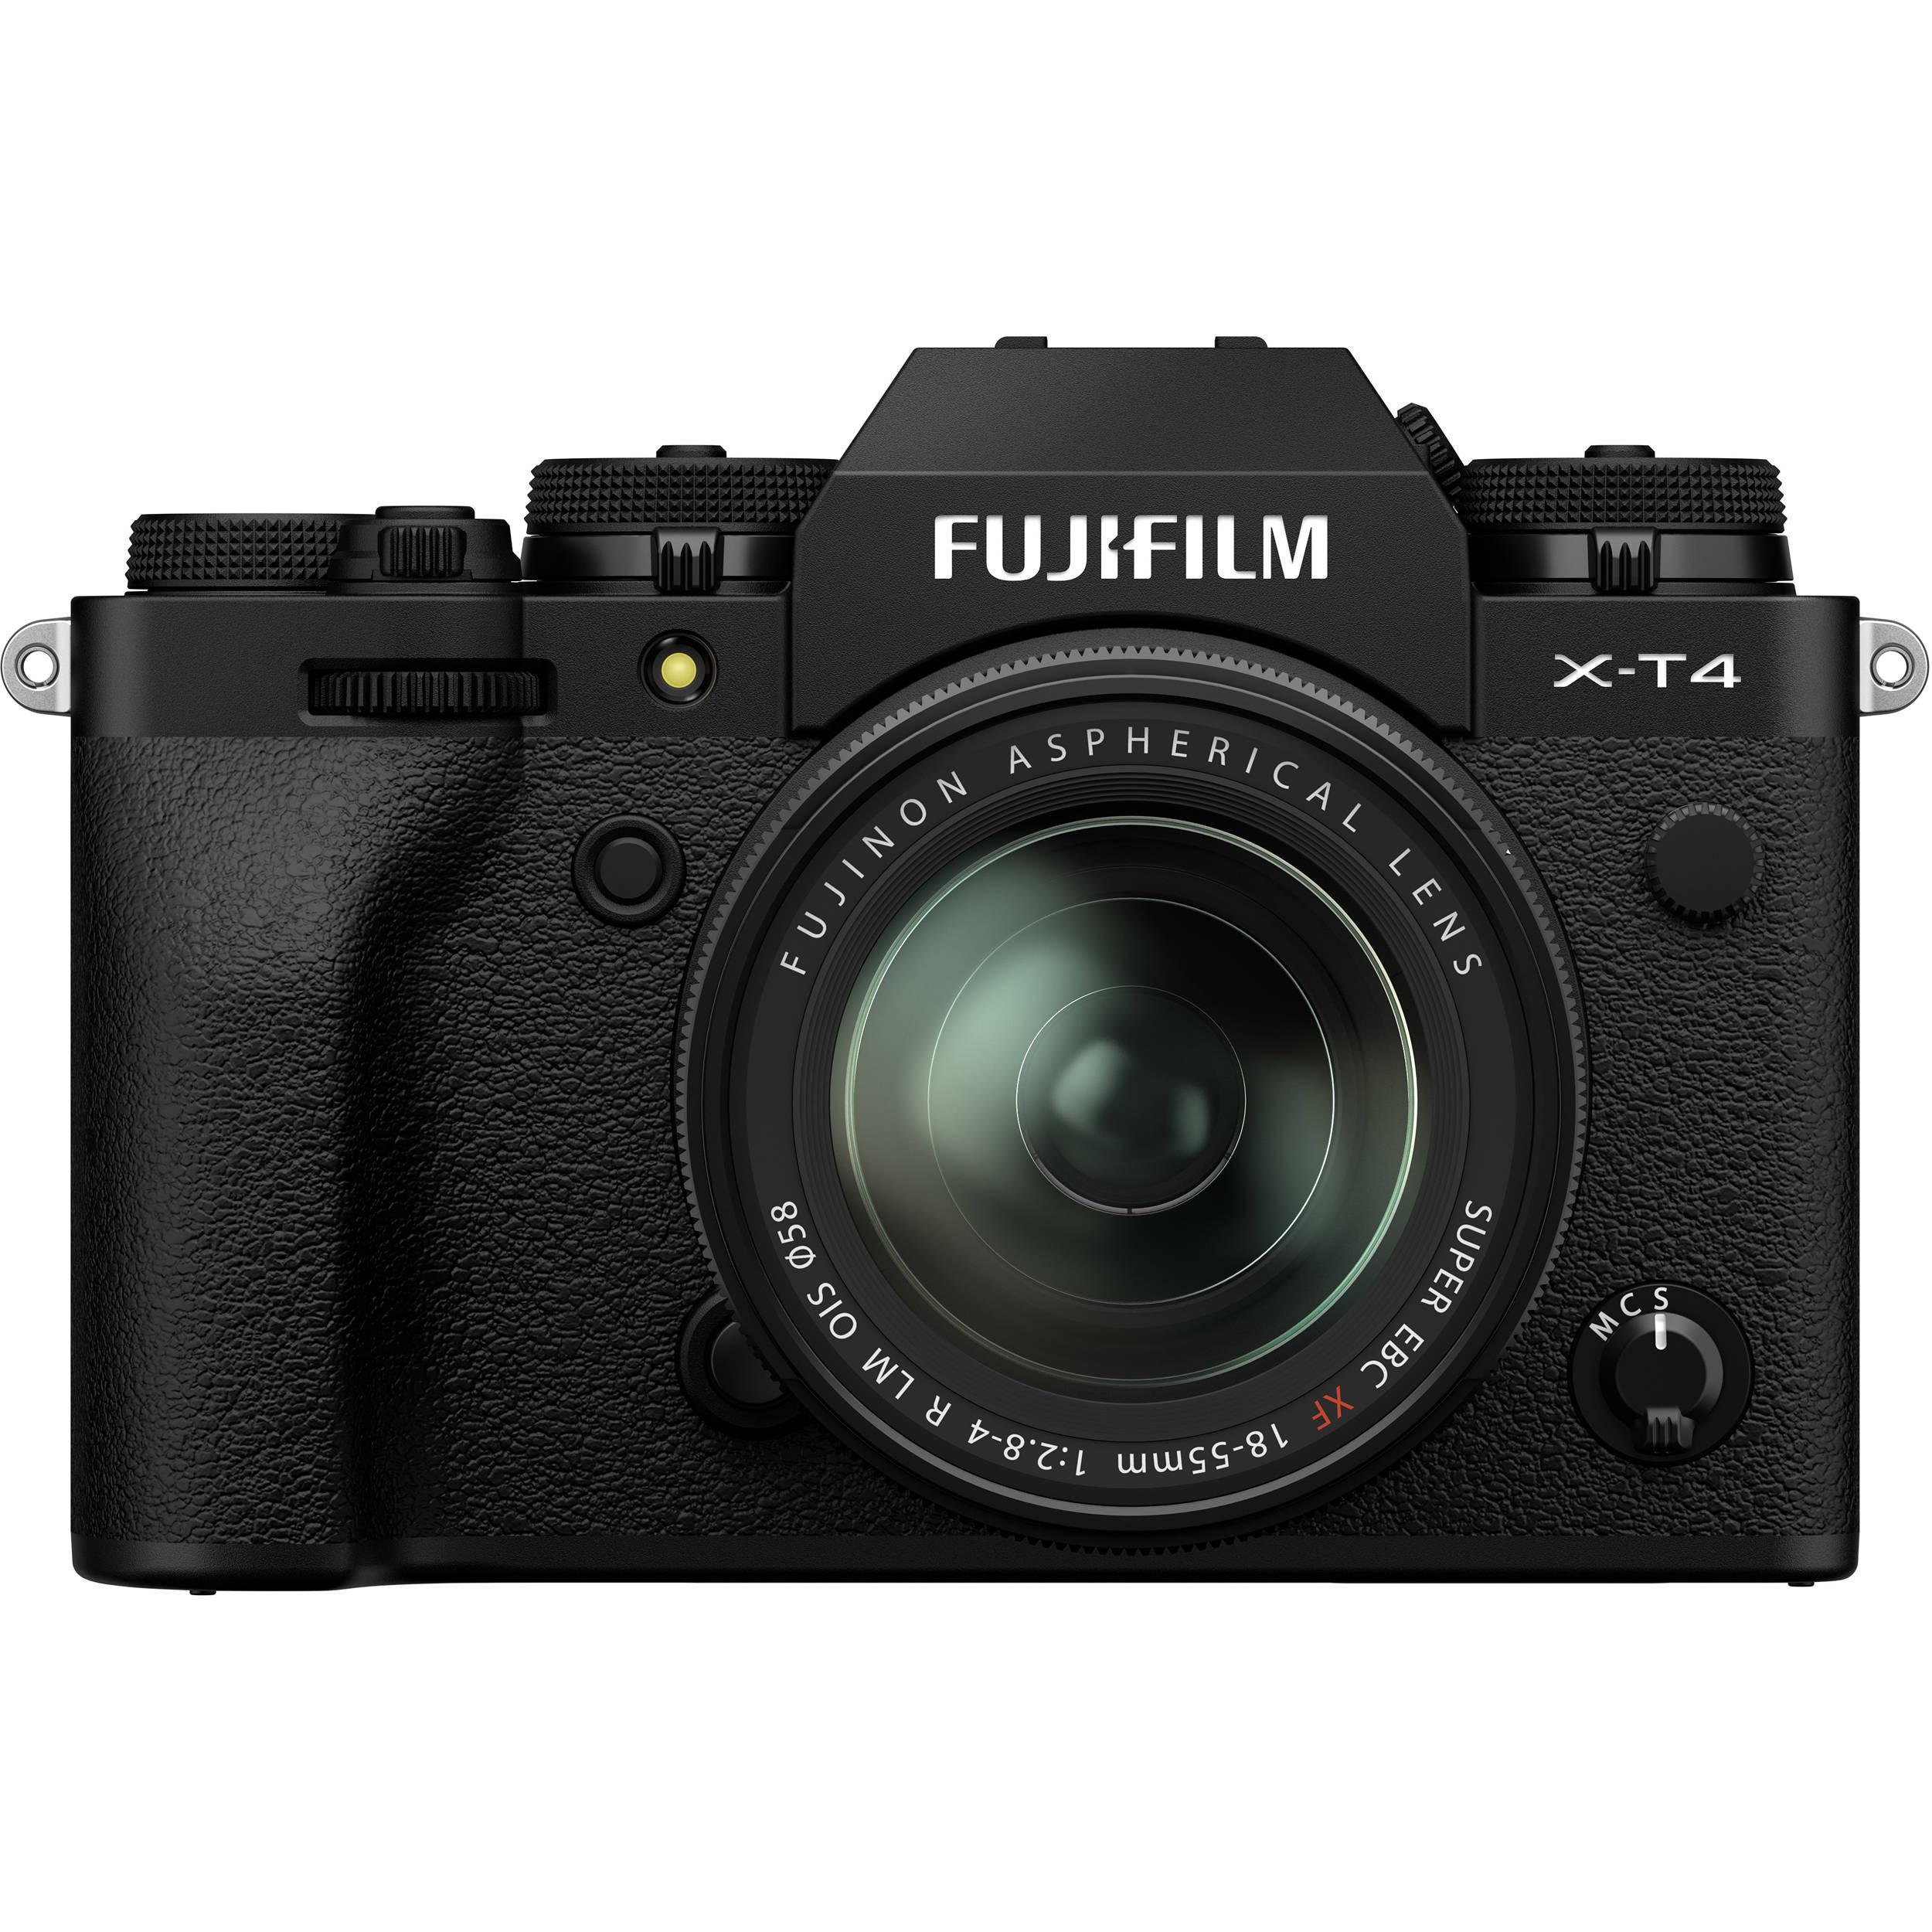 Fujifilm X-T4 Kit (XF 18-55mm f/2.8-4 R LM OIS) Black